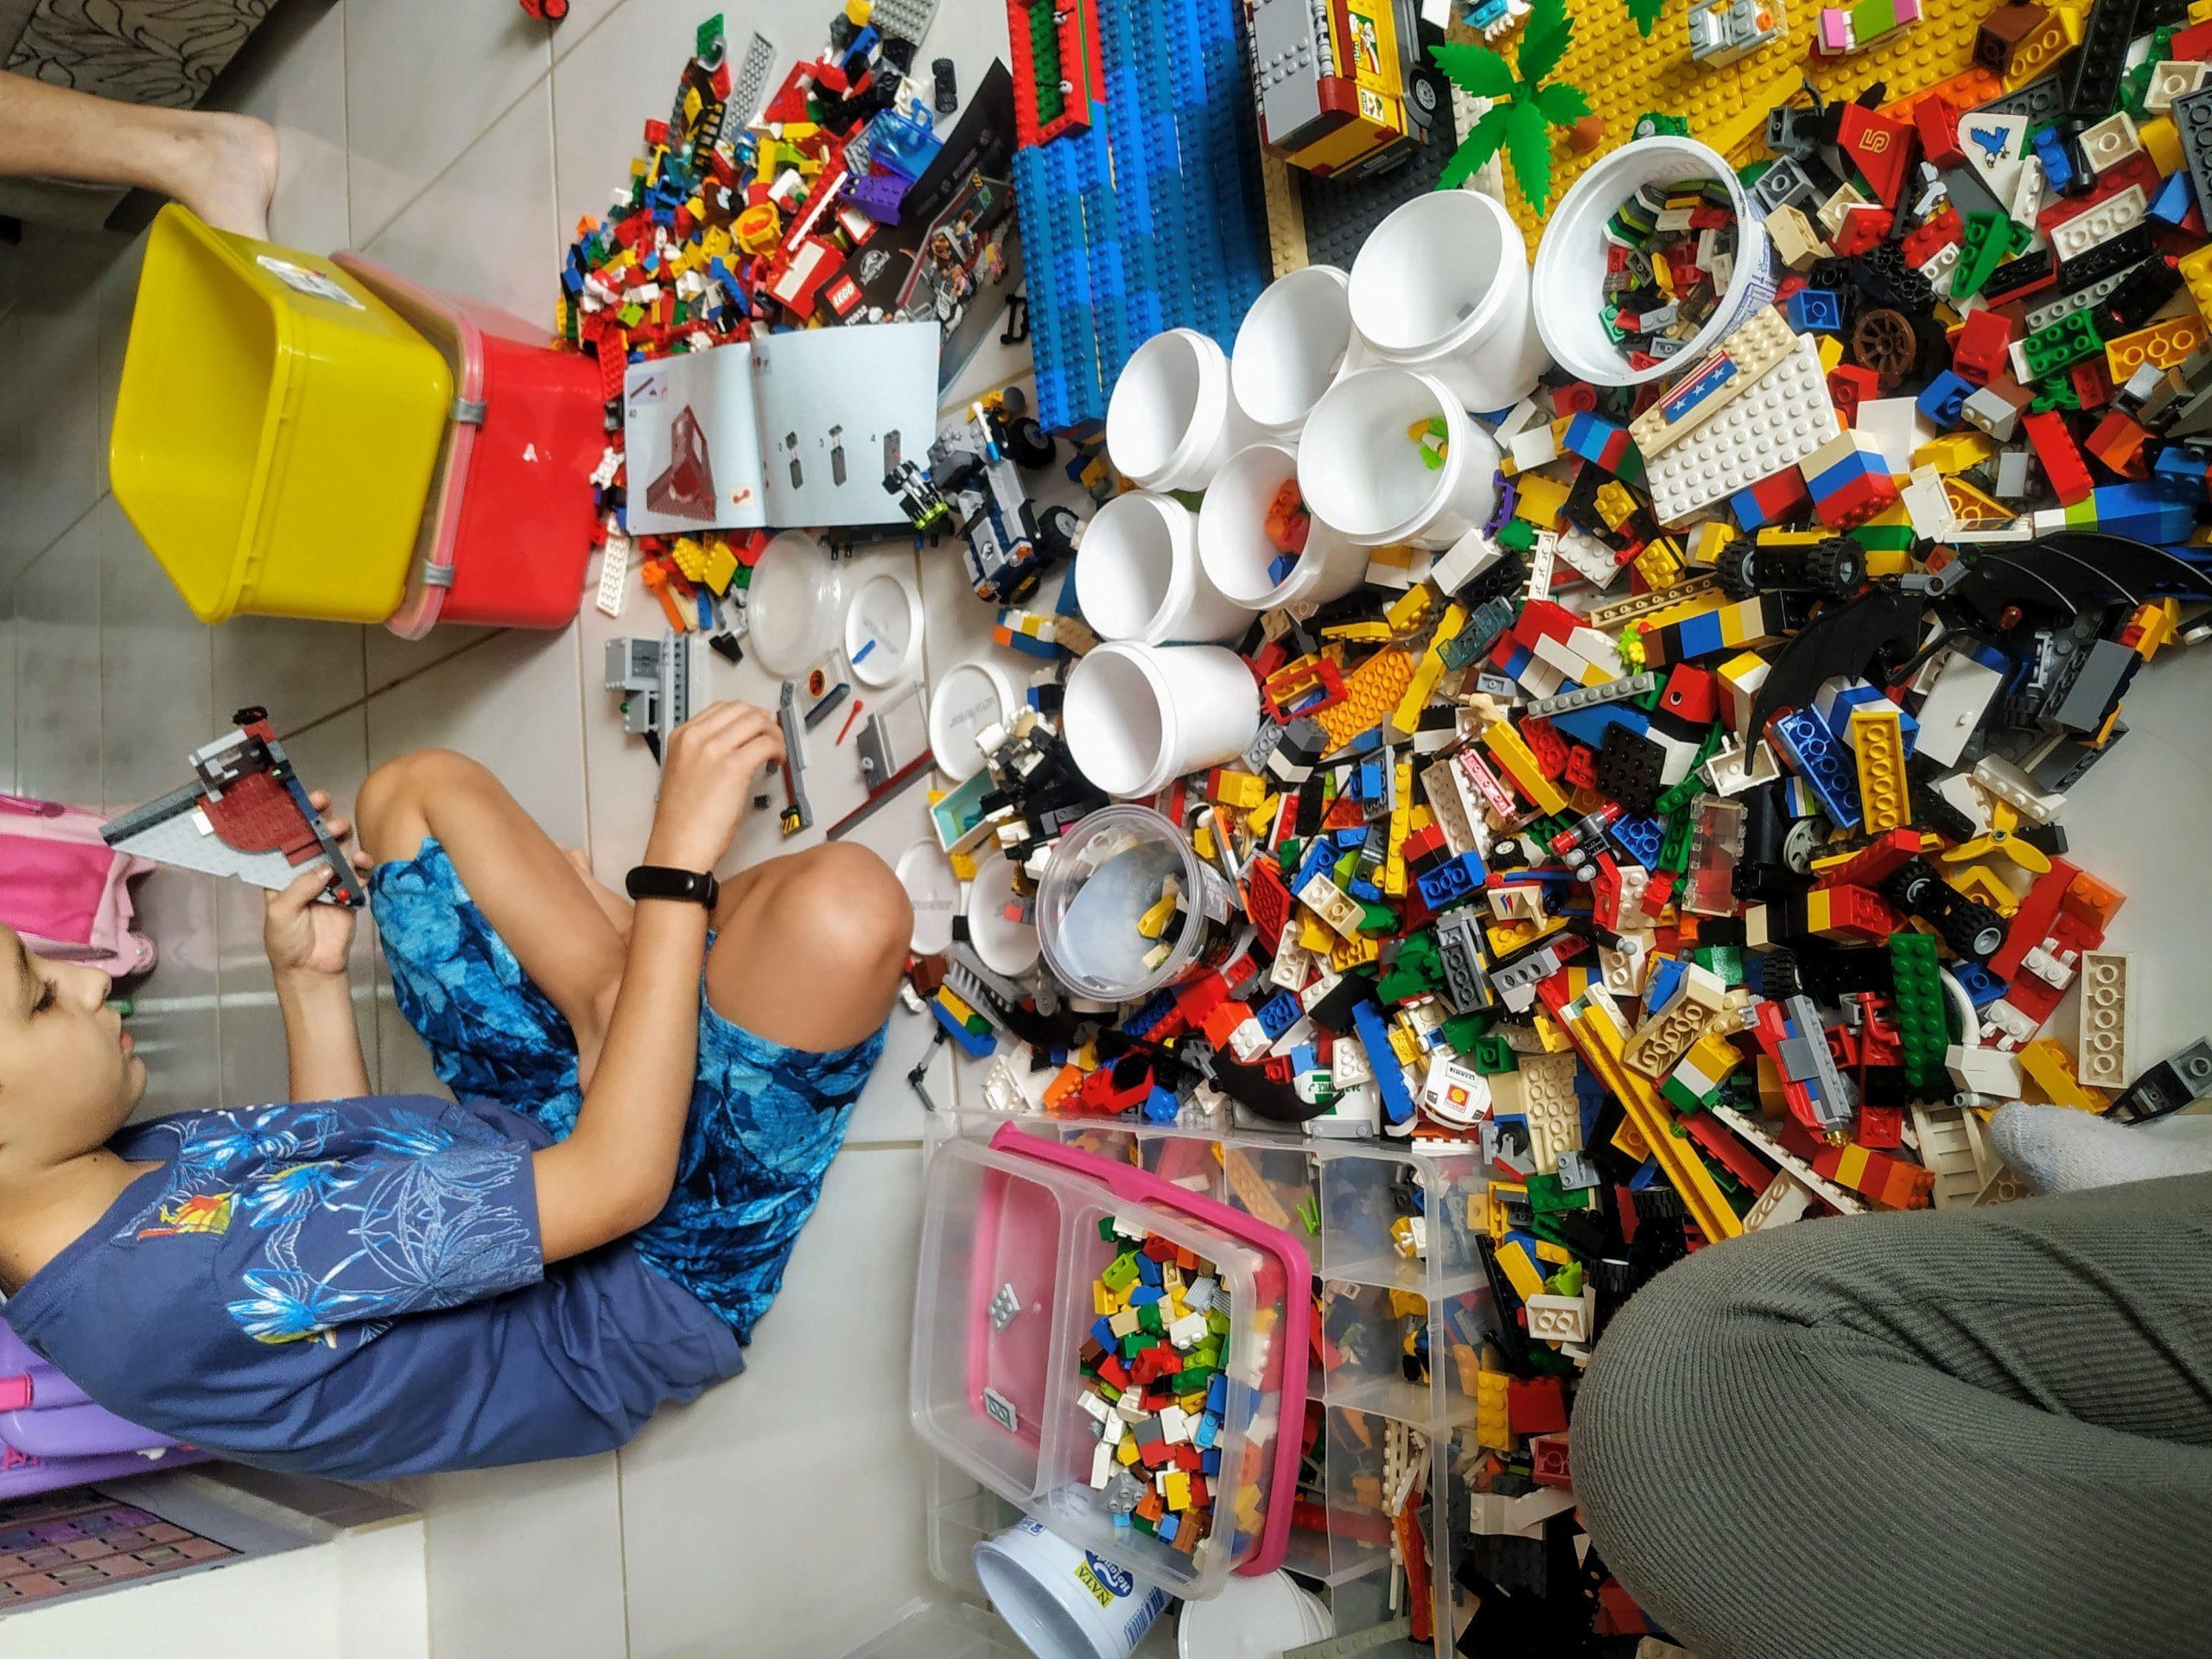 Império Lego Contra Heartland: Quem Ganhará? – Dia 49